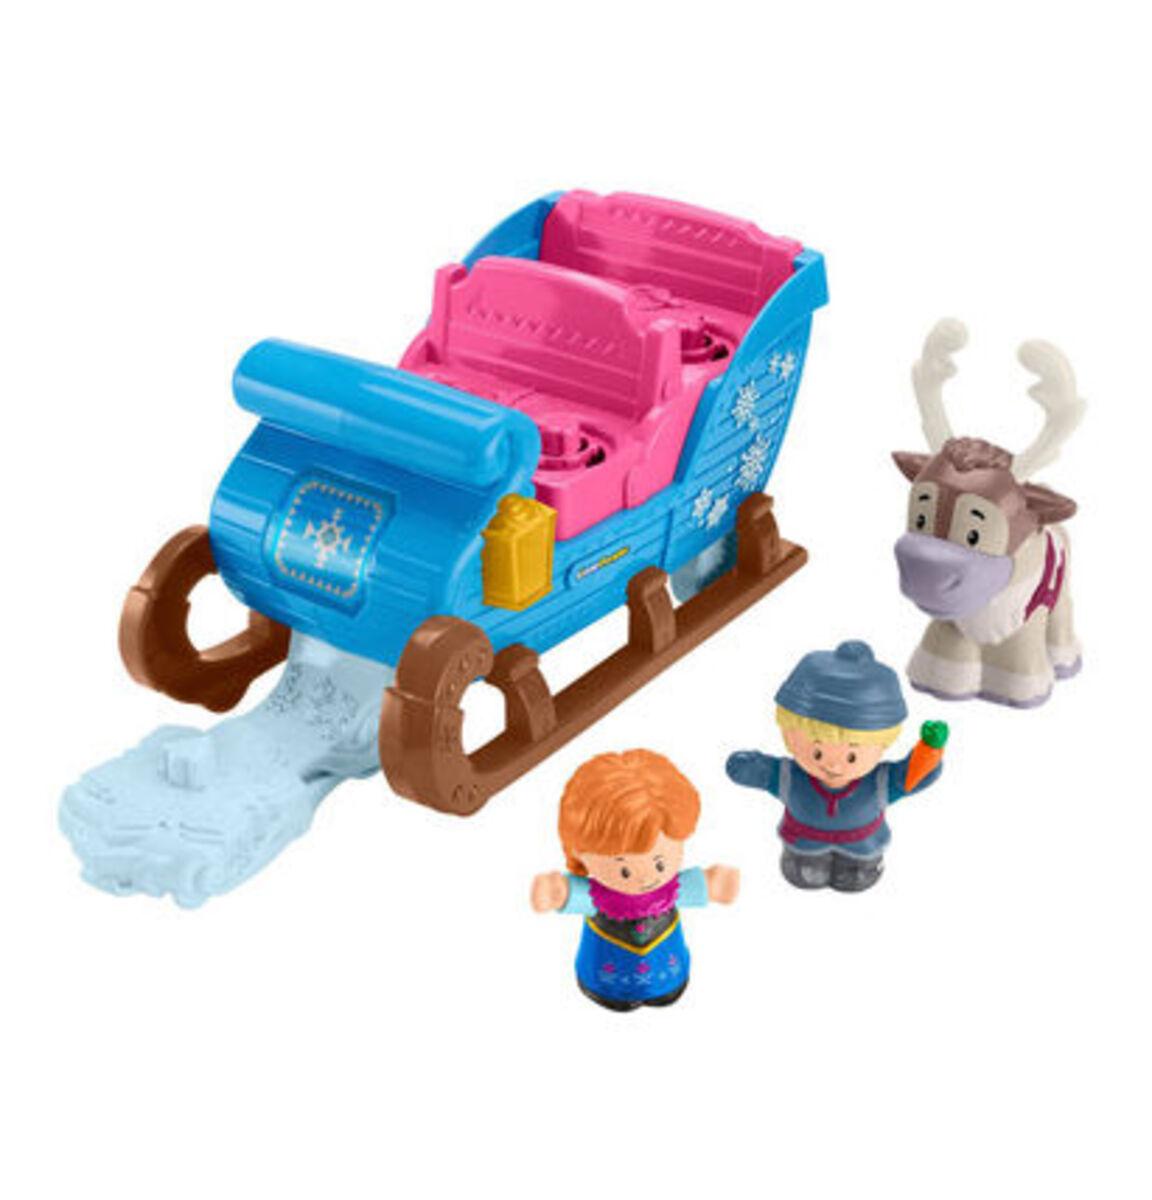 """Bild 1 von Mattel Figuren Set Kristoffs Schlitten """"Disney Die Eiskönigin"""""""